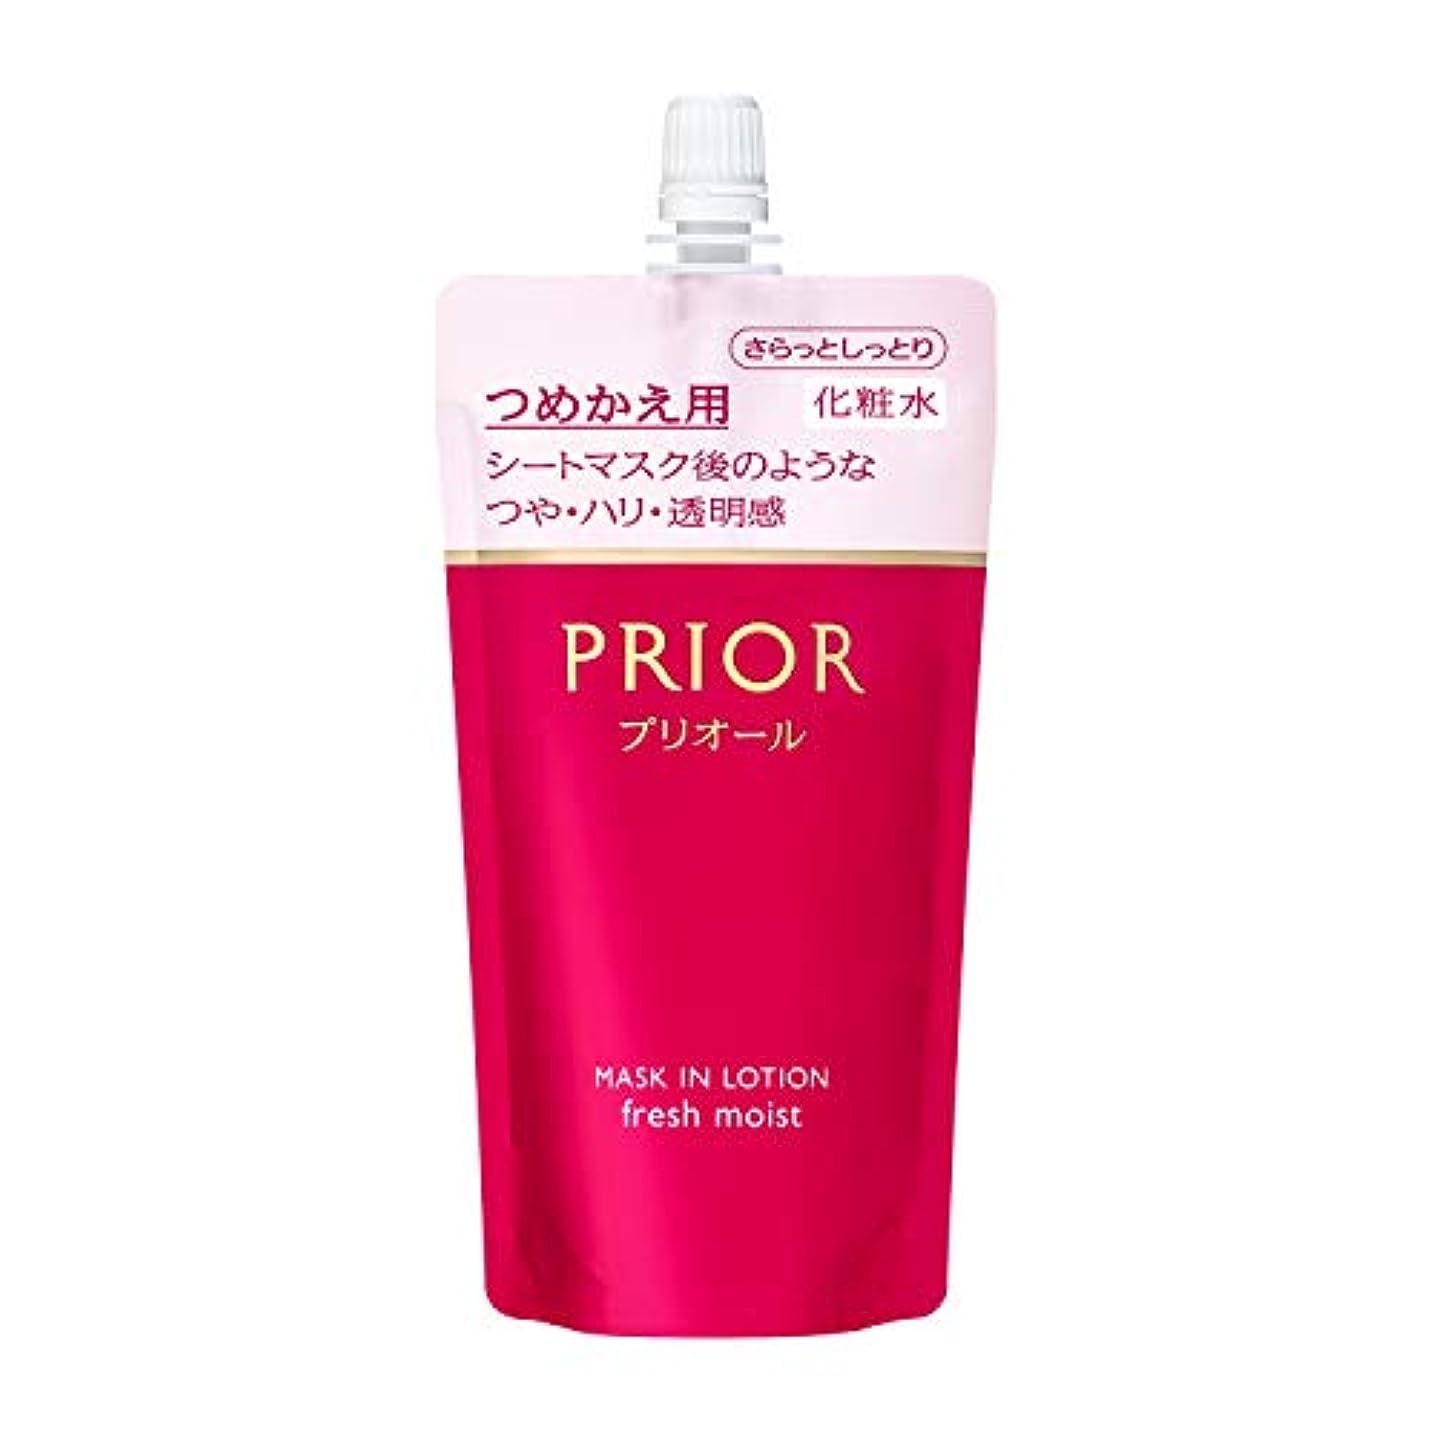 贅沢な活気づく節約するプリオール マスクイン化粧水 (さらっとしっとり) (つめかえ用) 140mL